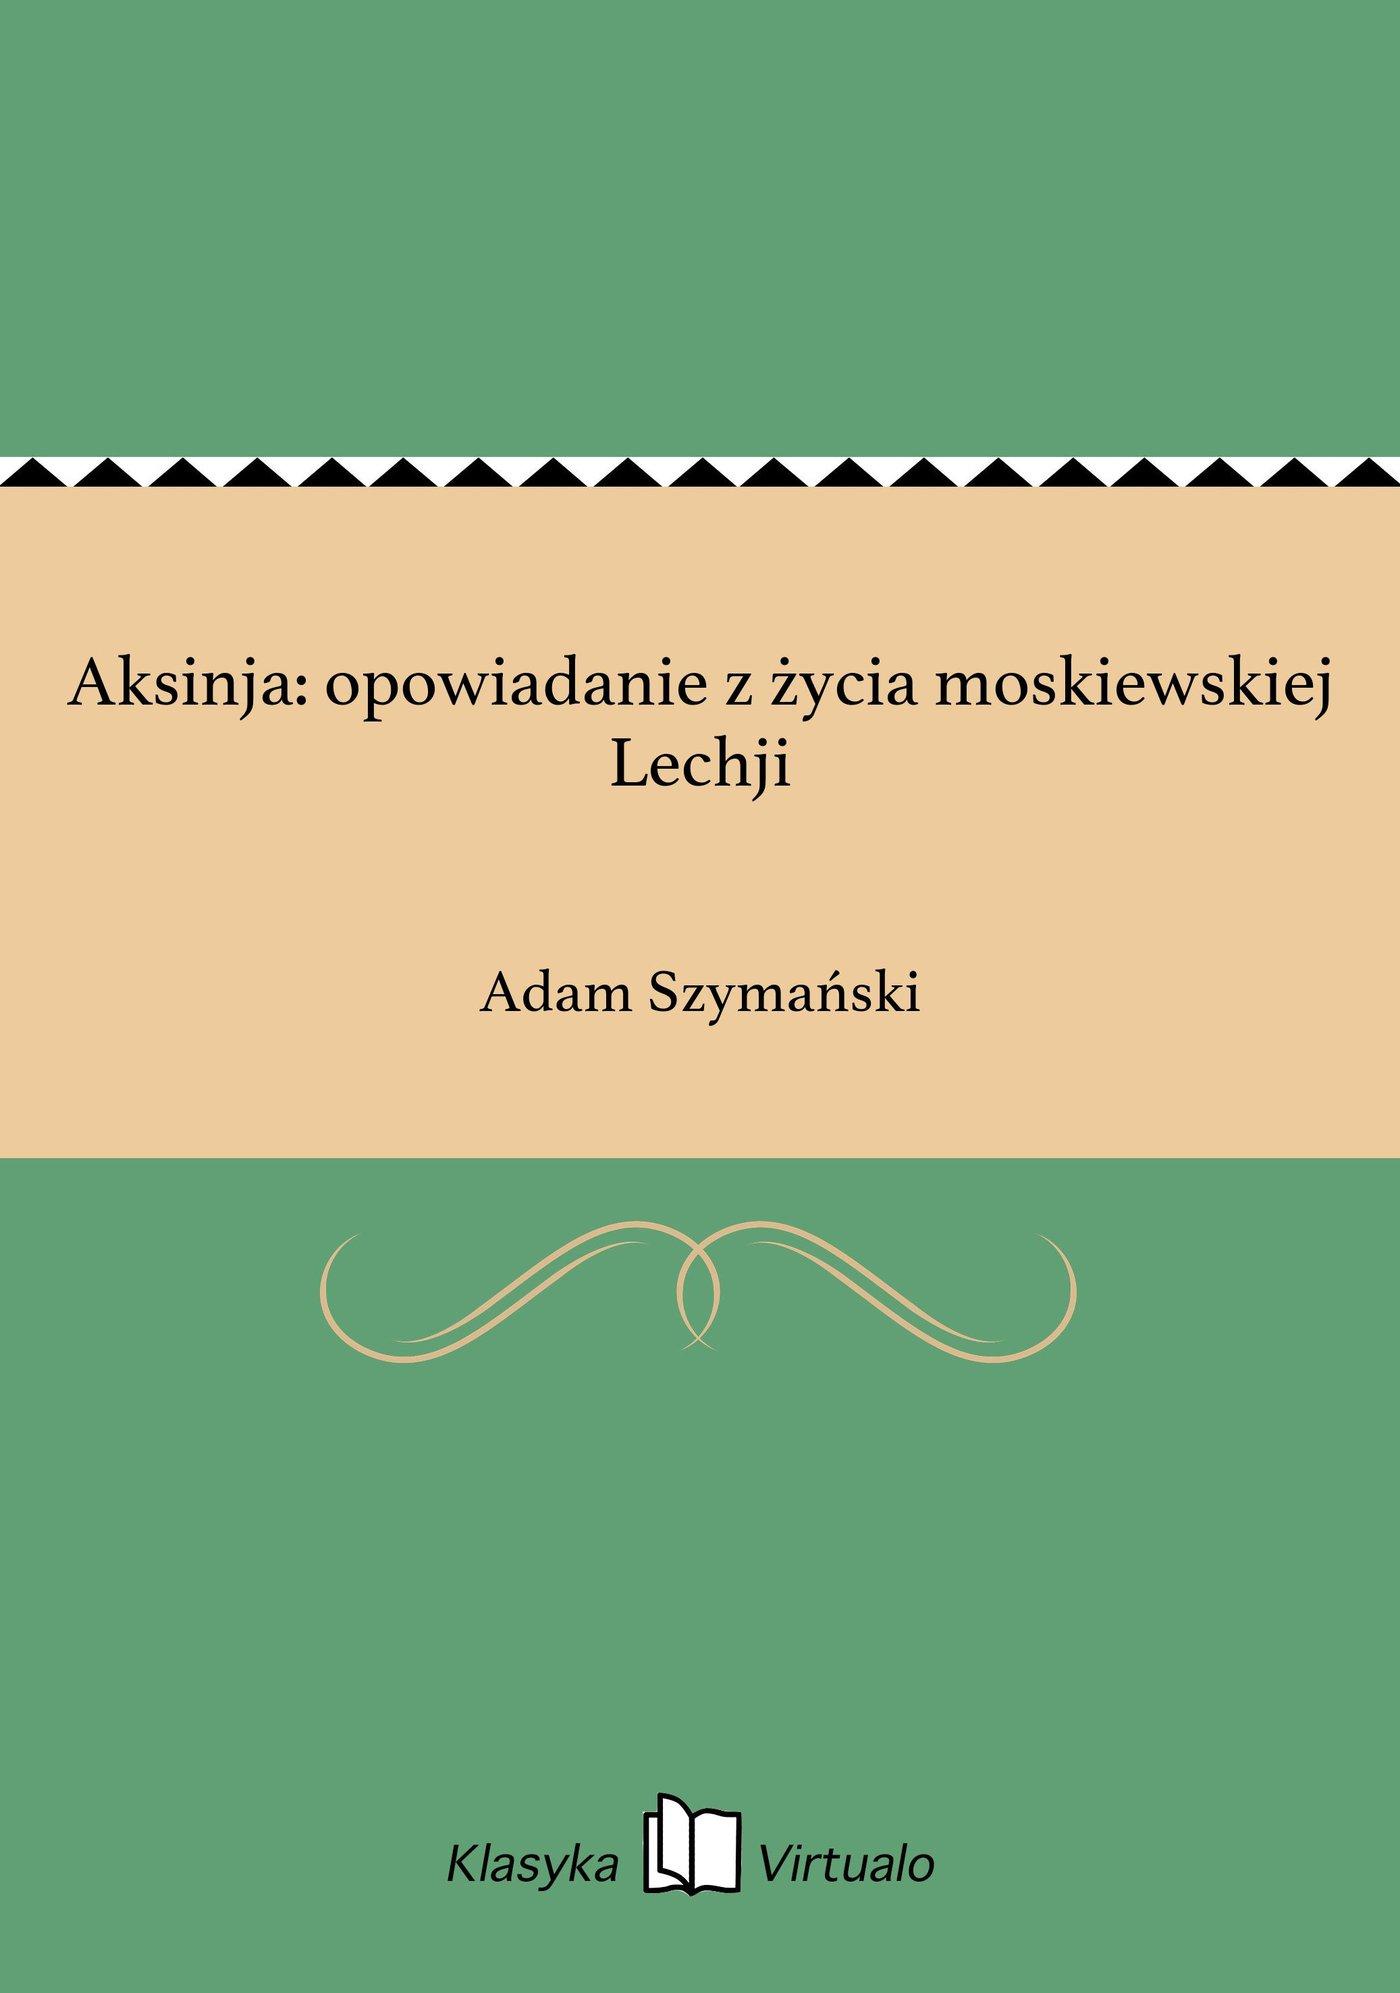 Aksinja: opowiadanie z życia moskiewskiej Lechji - Ebook (Książka EPUB) do pobrania w formacie EPUB